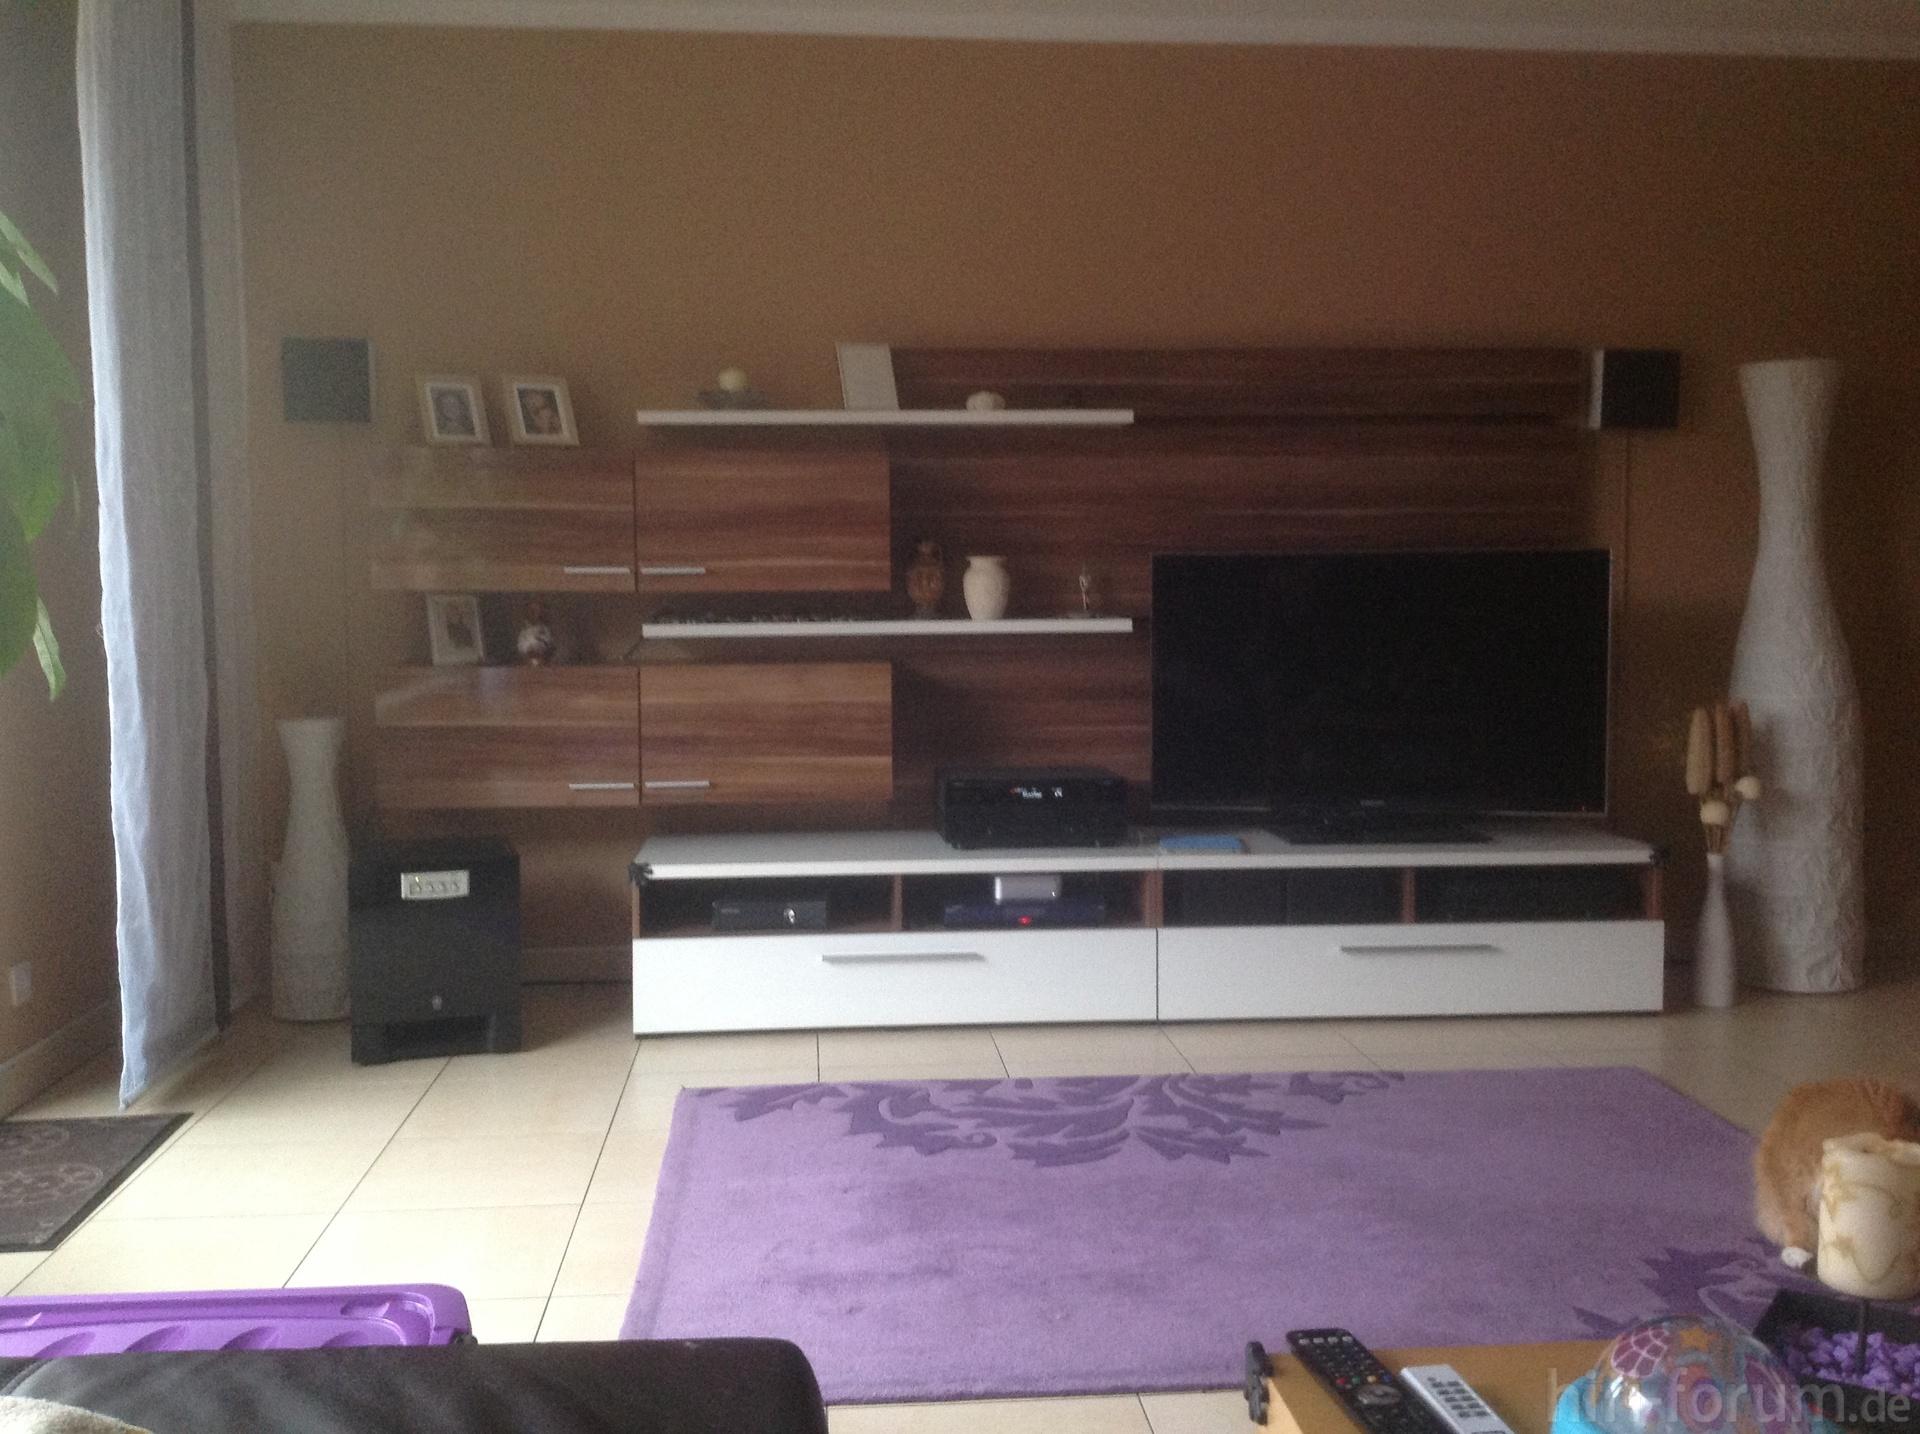 mein wohnzimmer wohnzimmer hifi bildergalerie. Black Bedroom Furniture Sets. Home Design Ideas